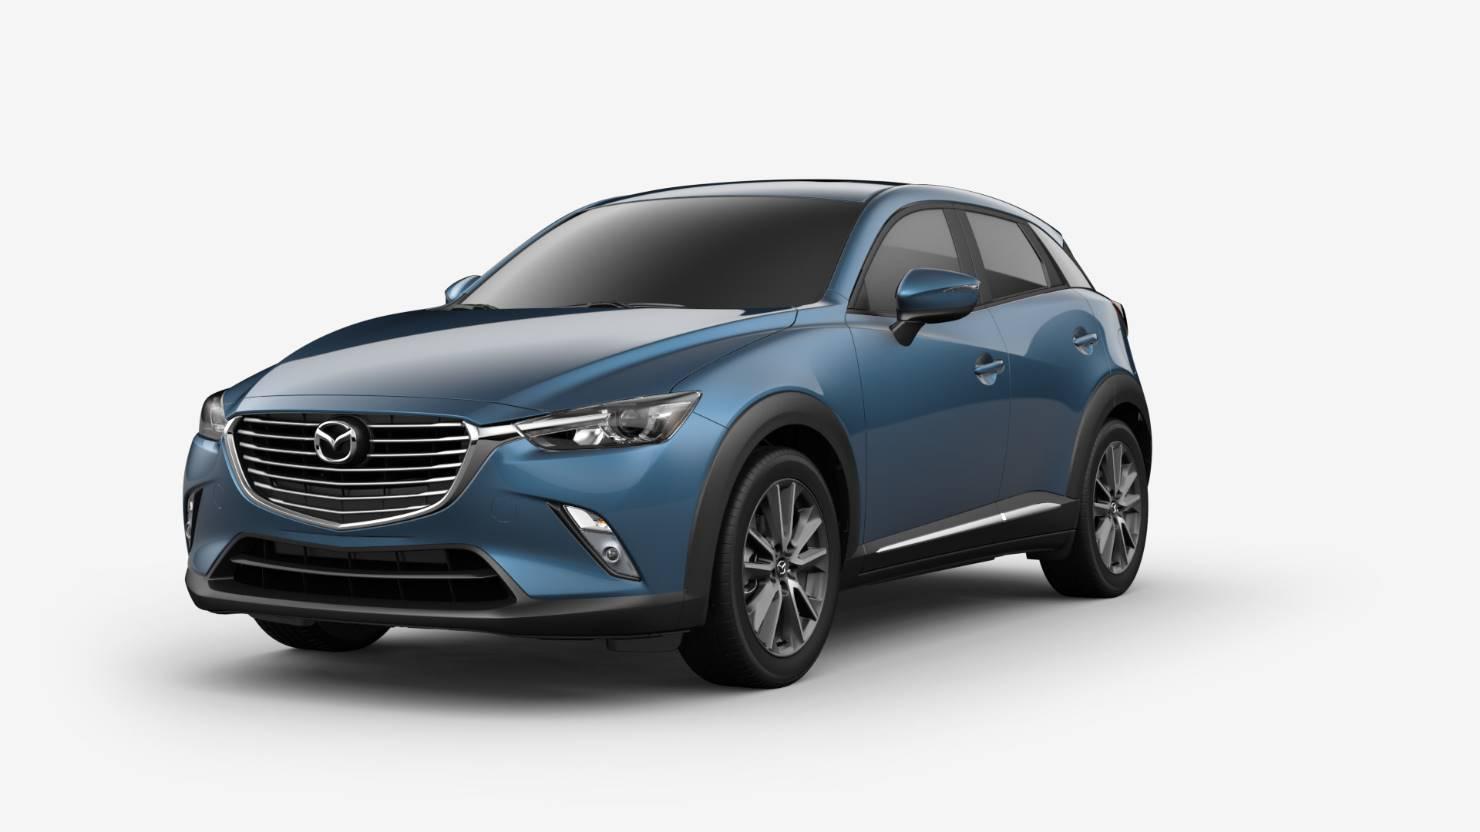 2018 CX 3, Eternal Blue